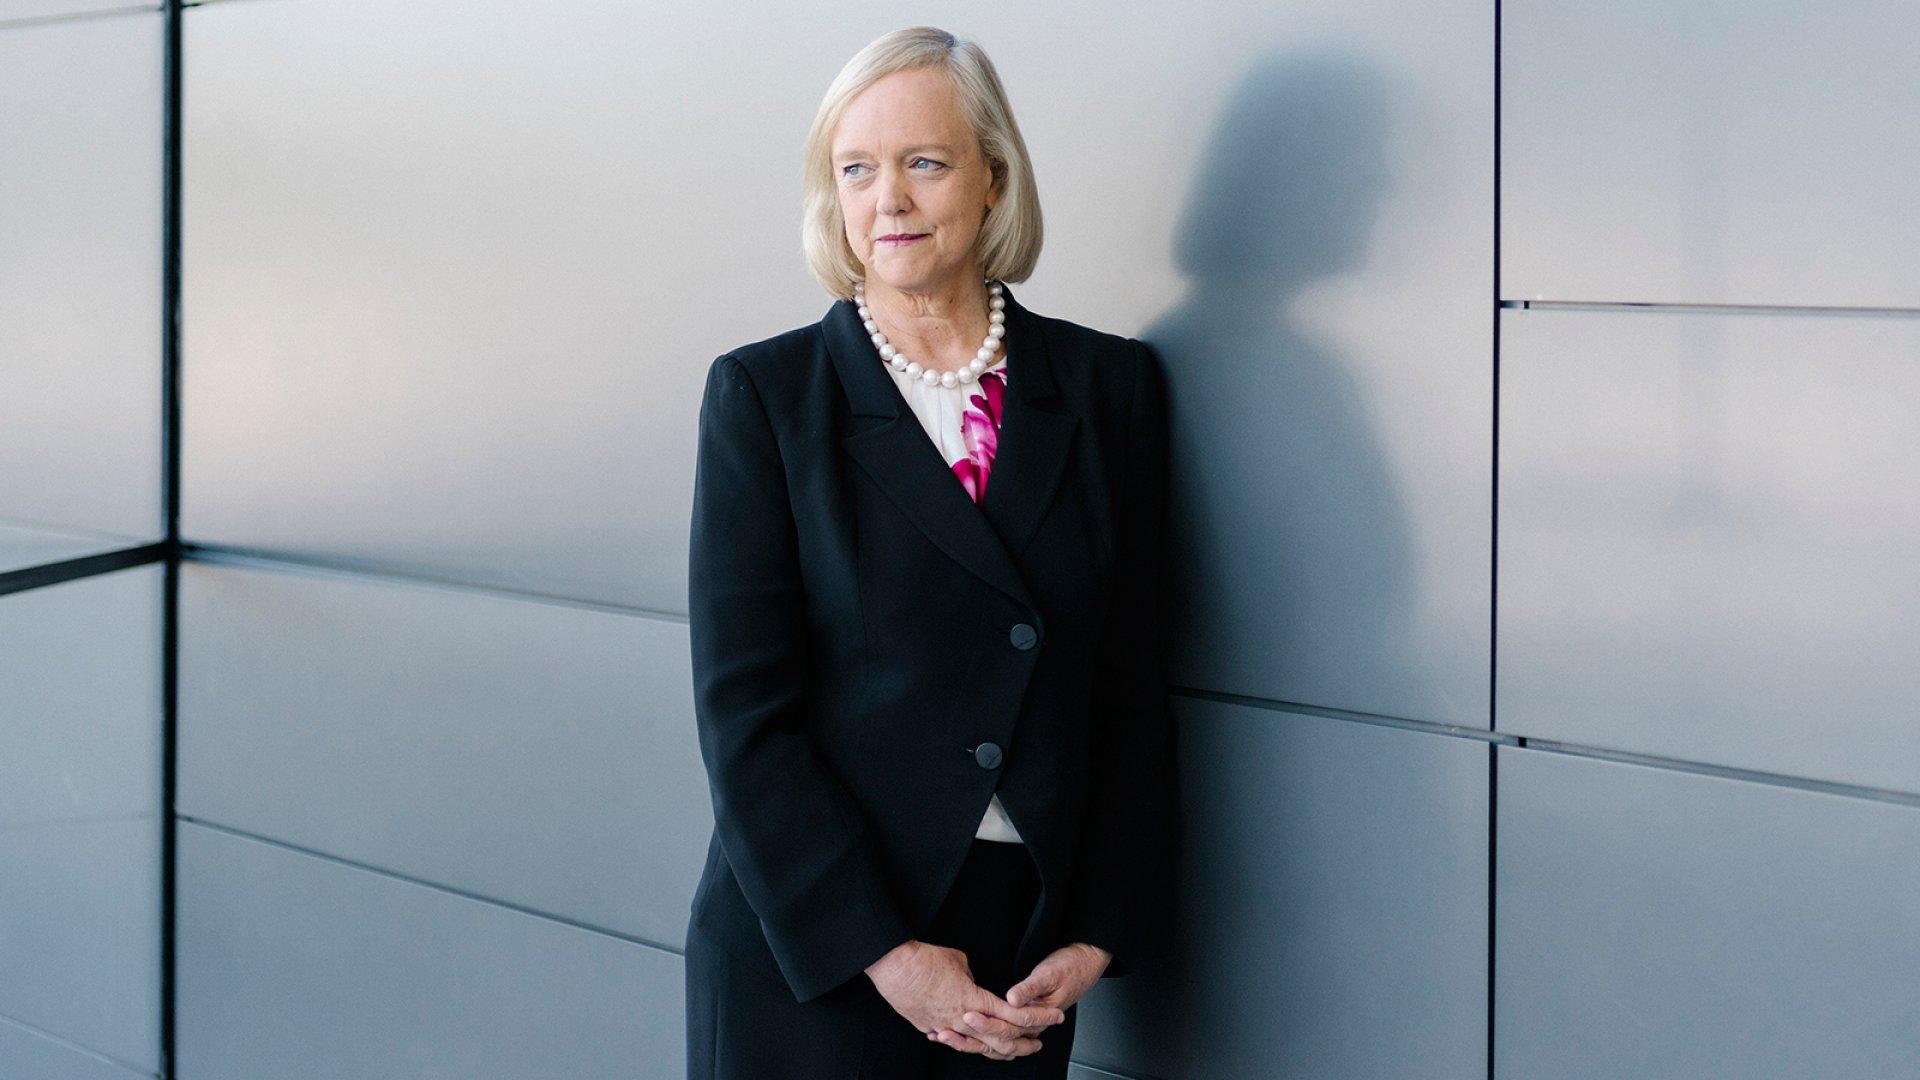 Hewlett Packard CEO Meg Whitman